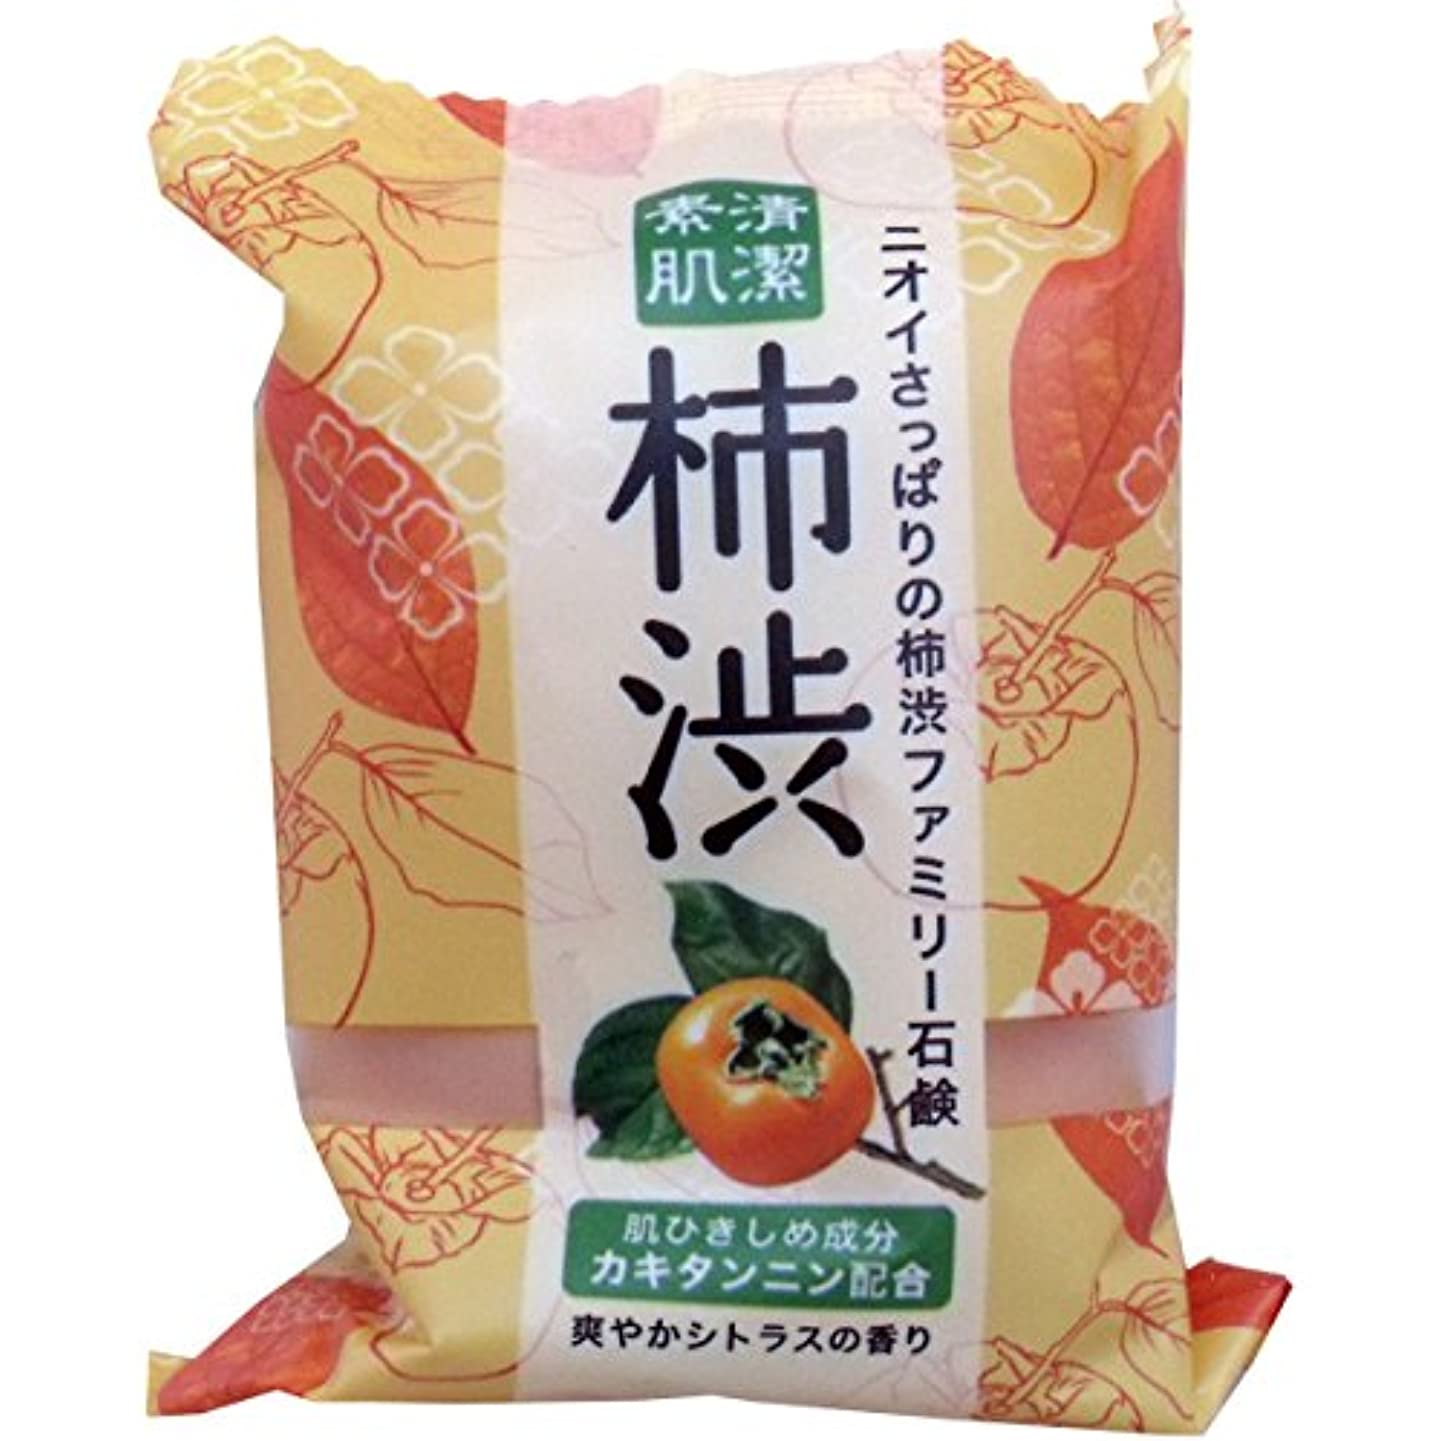 トーン湿ったフラップペリカン石鹸 ファミリー柿渋石鹸(1個) ×2セット